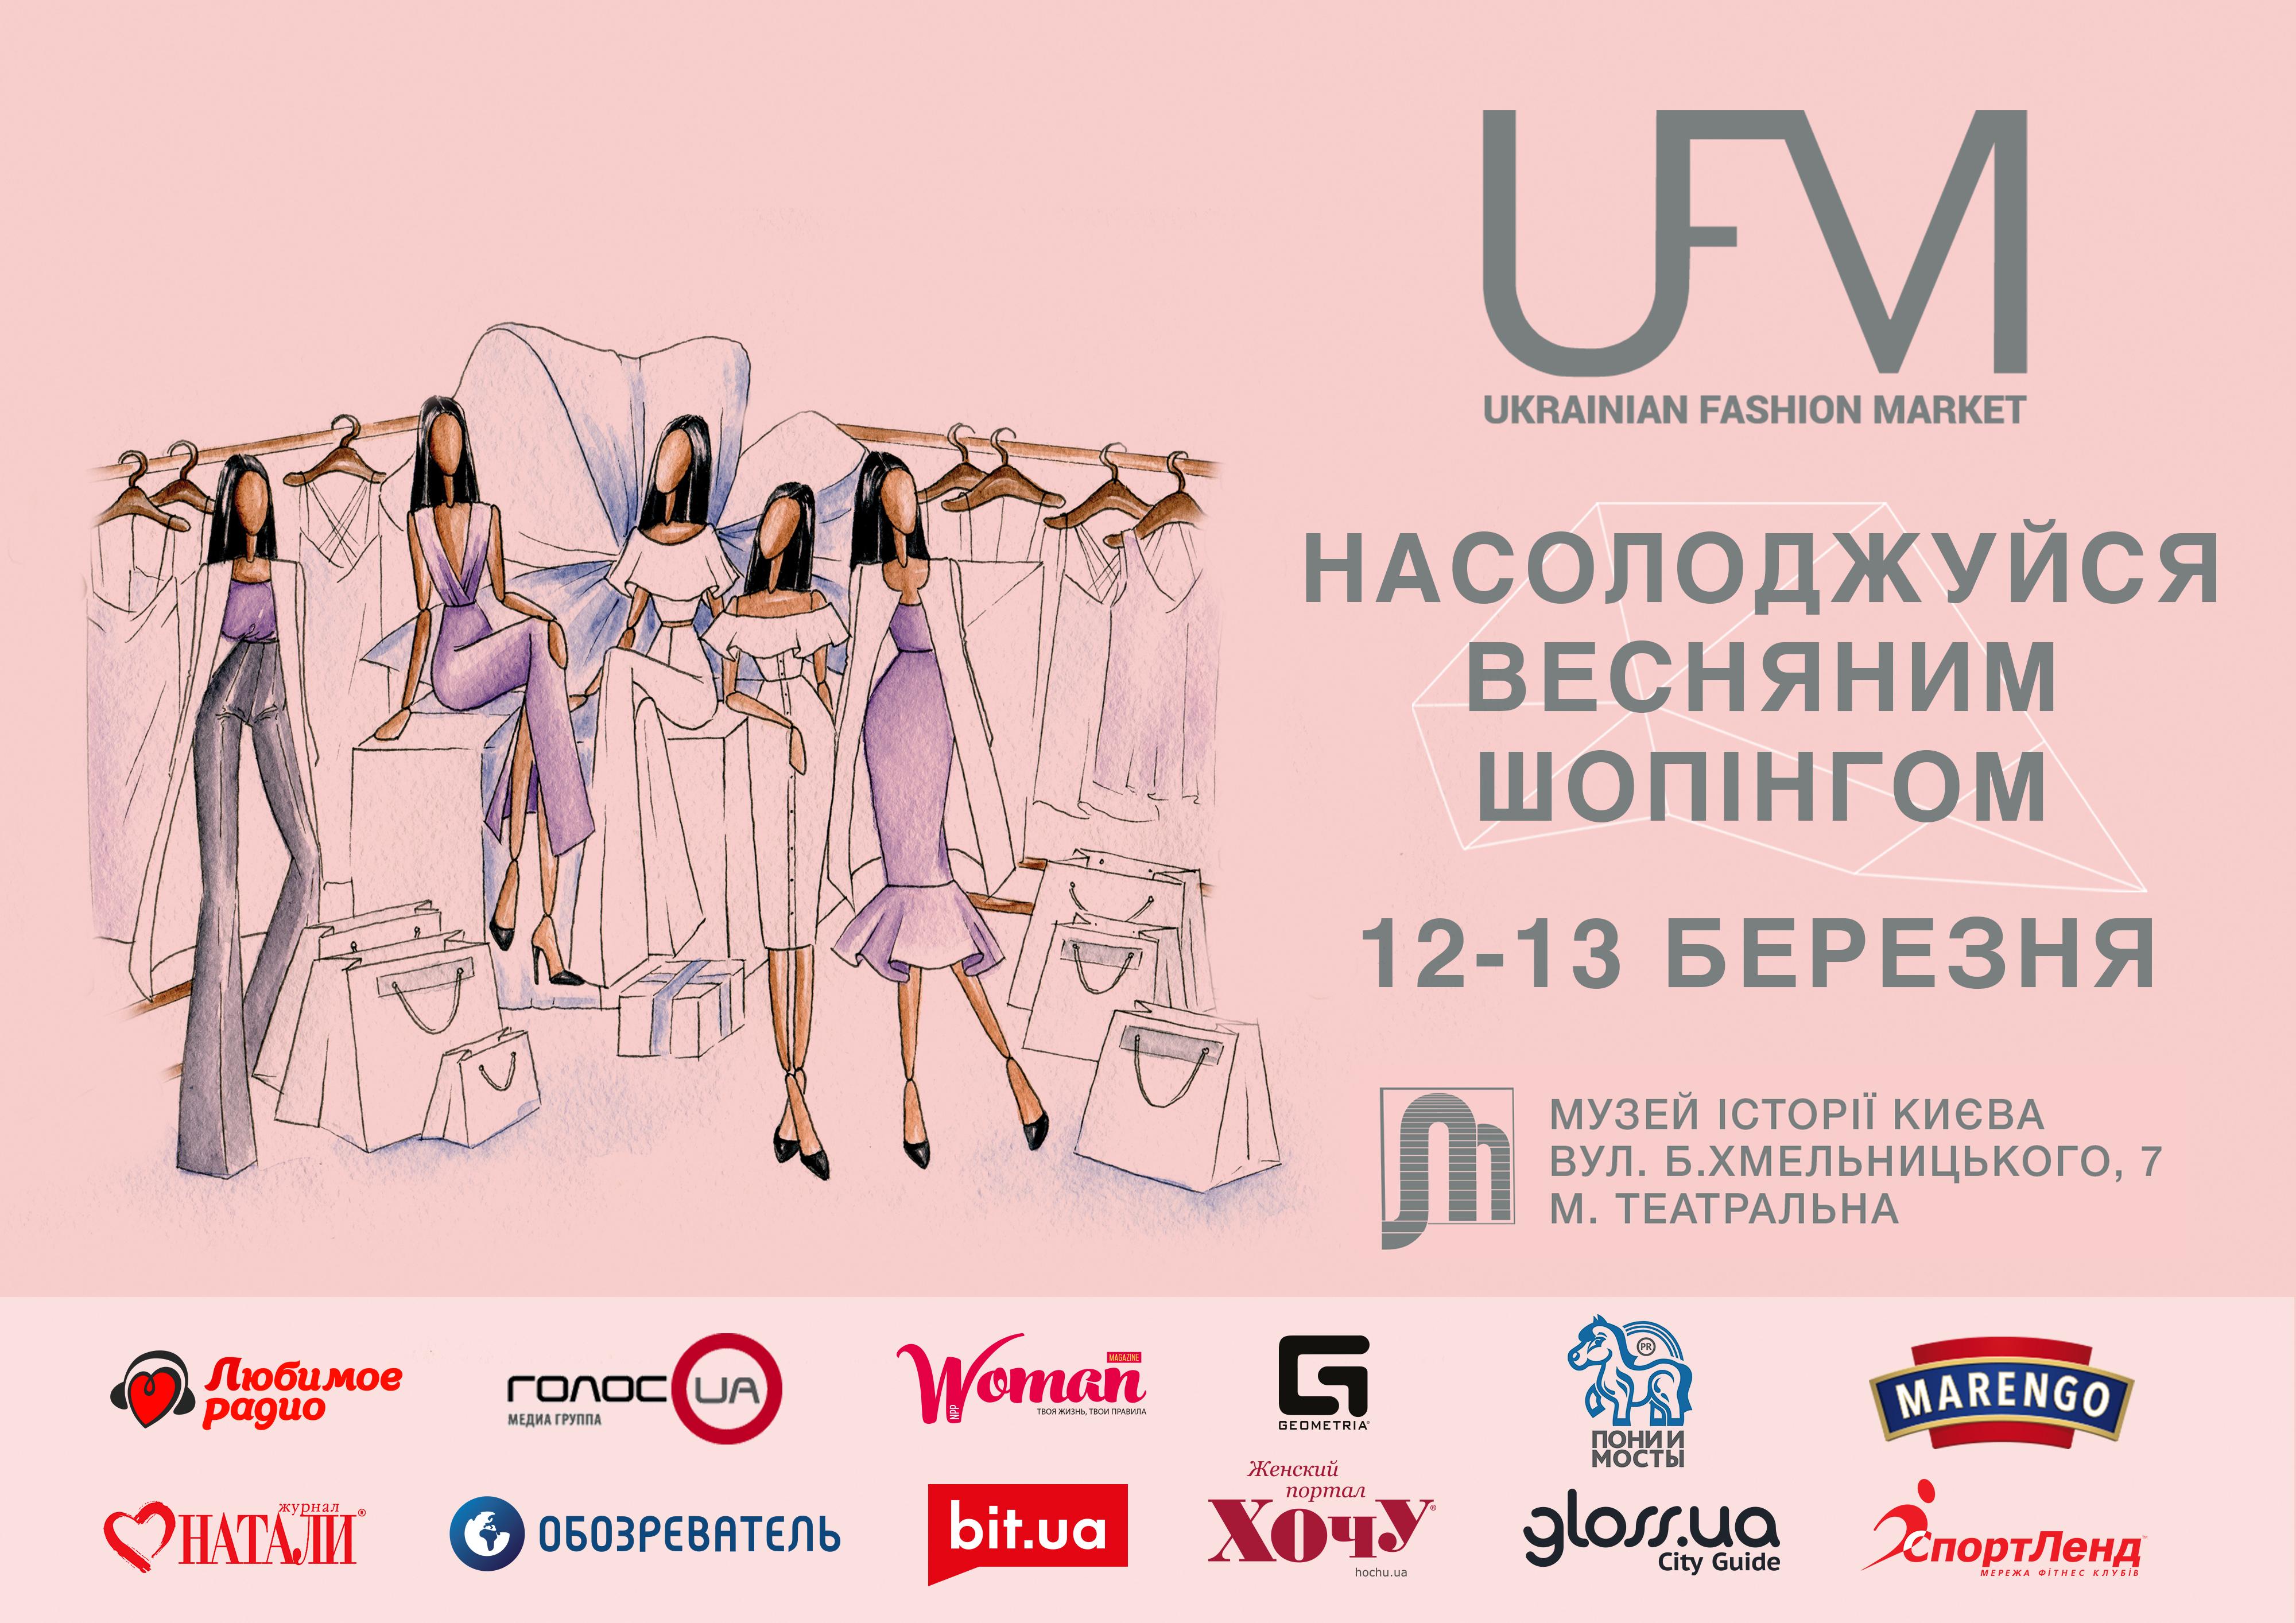 Куда пойти в Киеве на выходных 12-13 марта фешн маркет